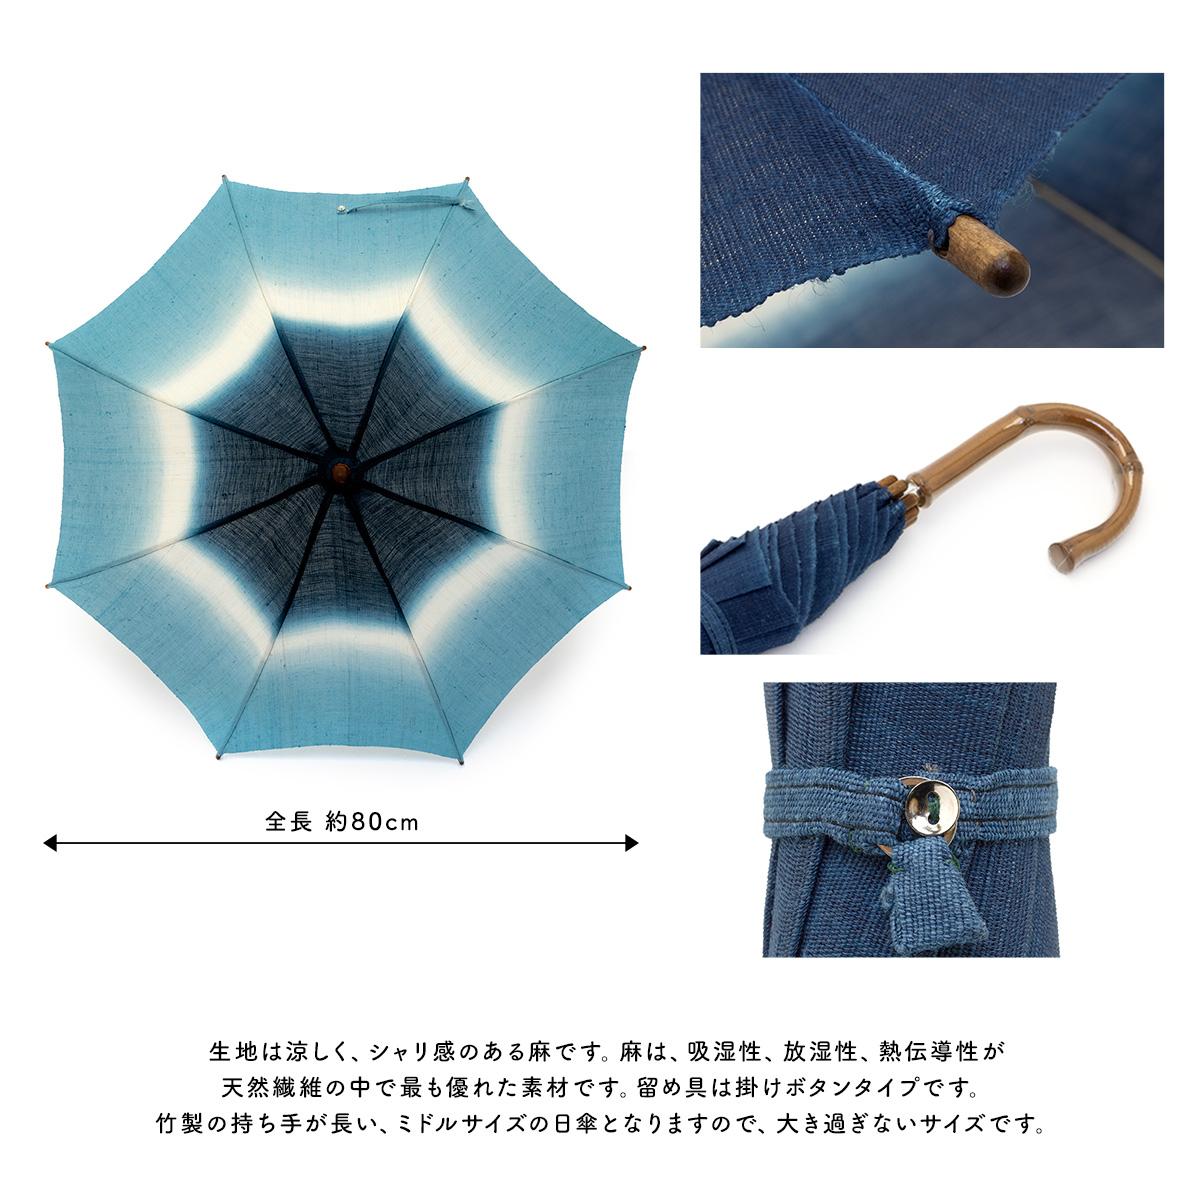 粋な和アイテム・日傘